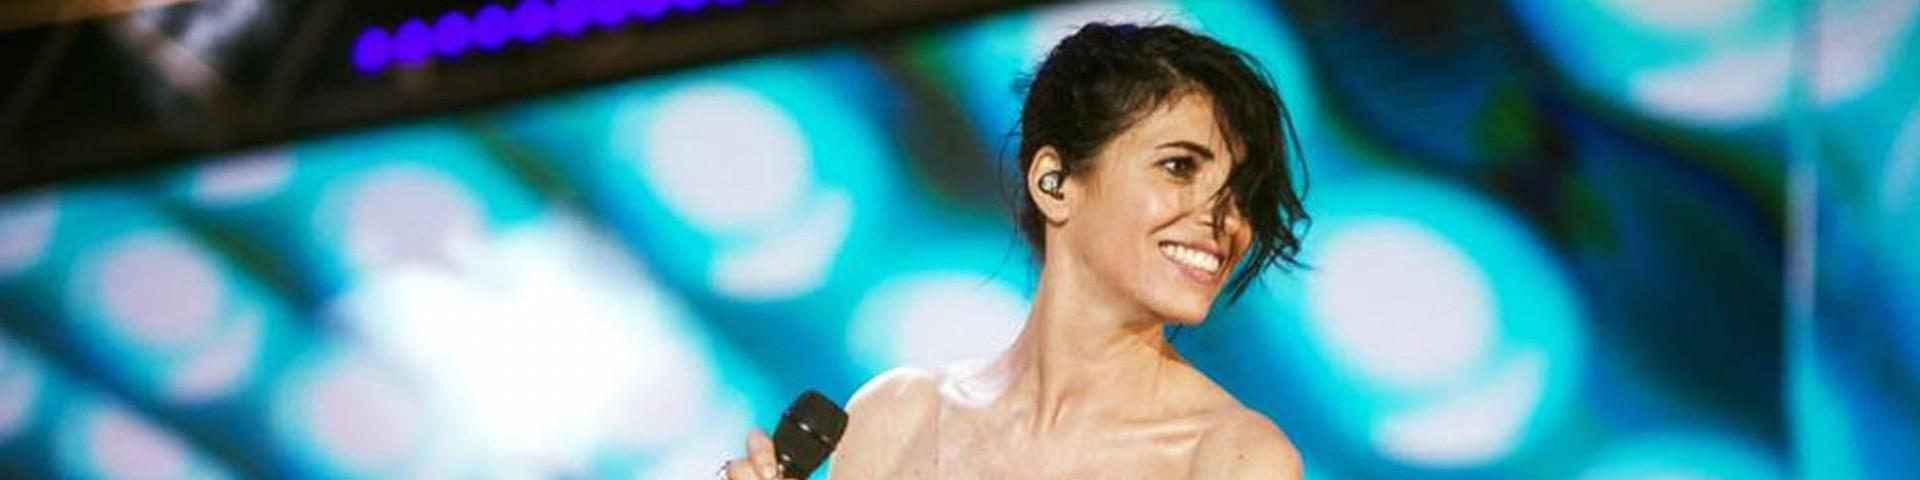 Giorgia in concerto, il tour sbarca a Roma: scaletta e come arrivare